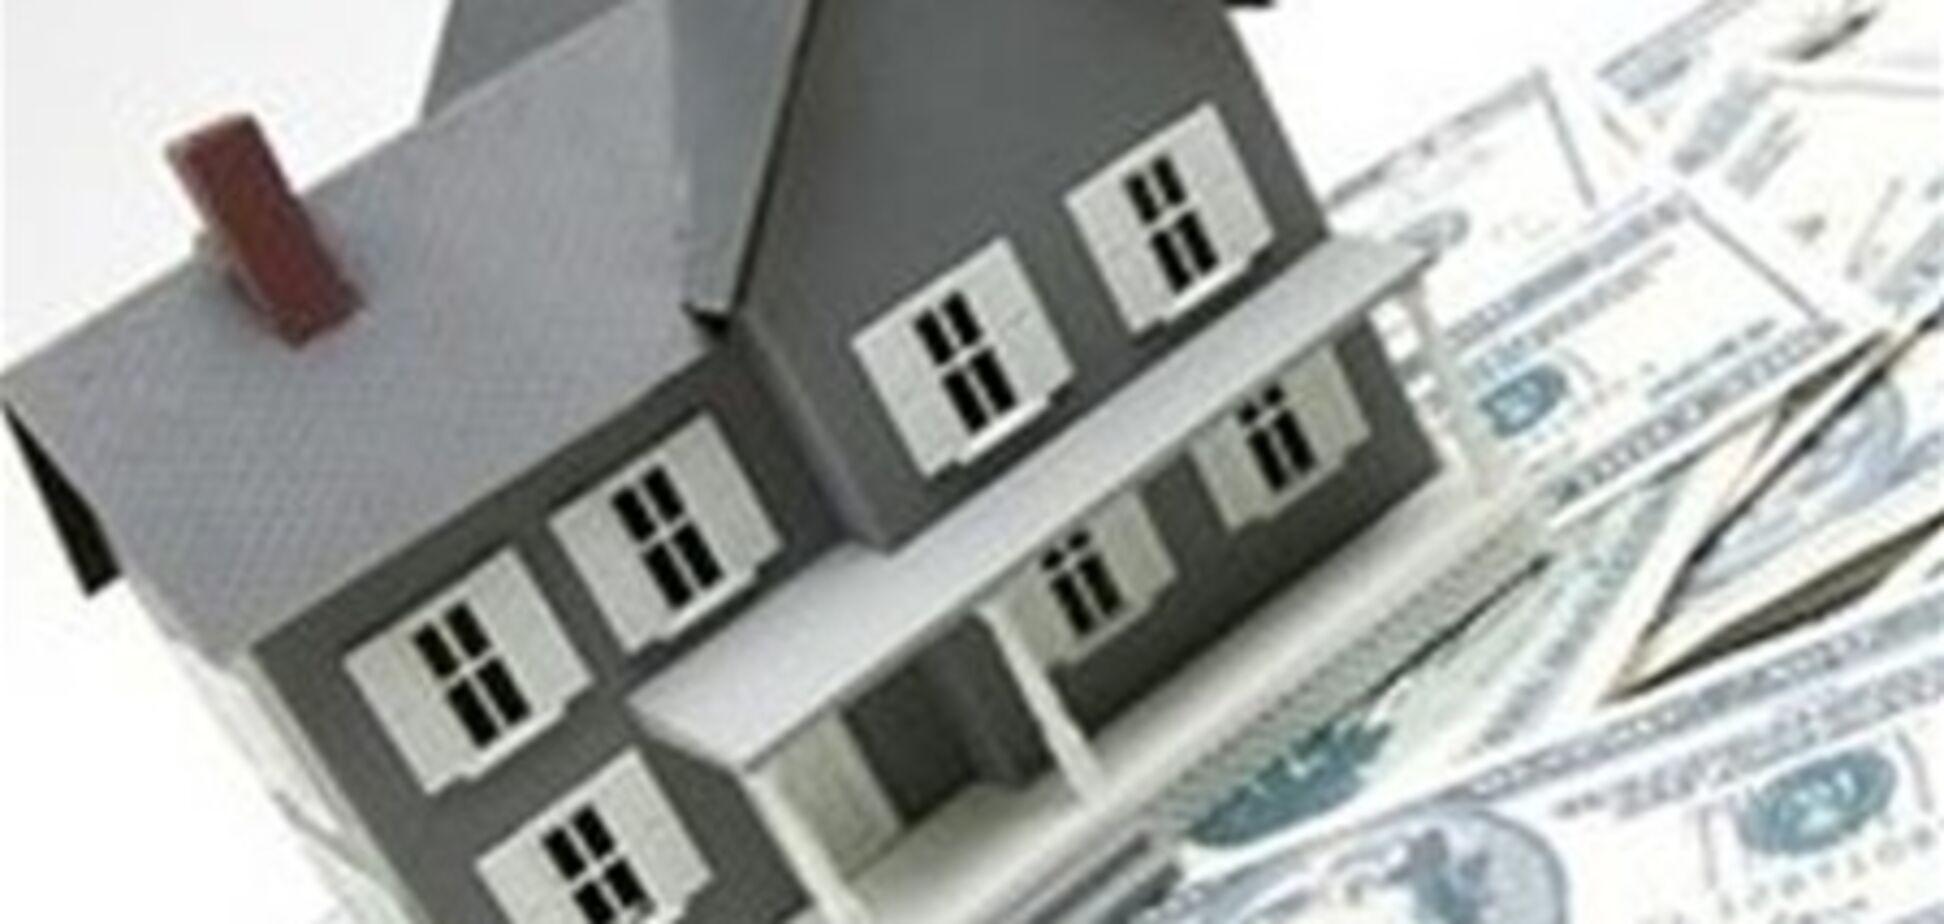 Рынок недвижимости пока расти не будет - риэлторы